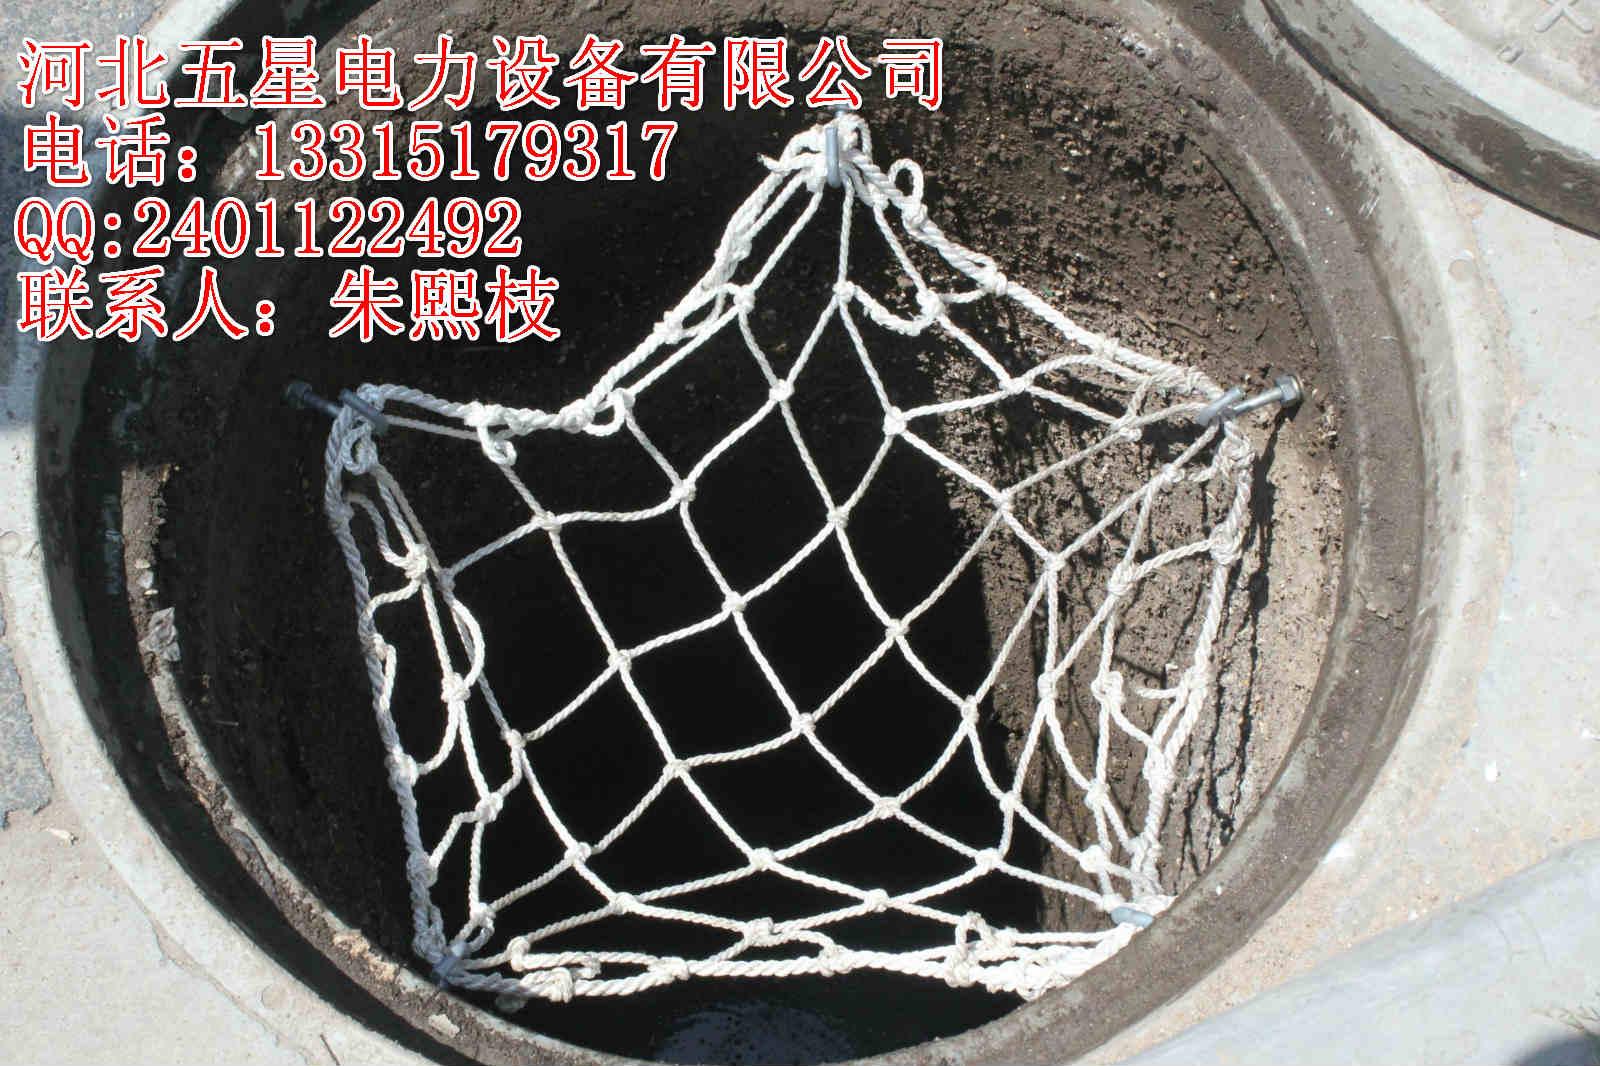 自贡专业生产地下井防护网,井盖防坠网厂家,市政井防坠网批发价格